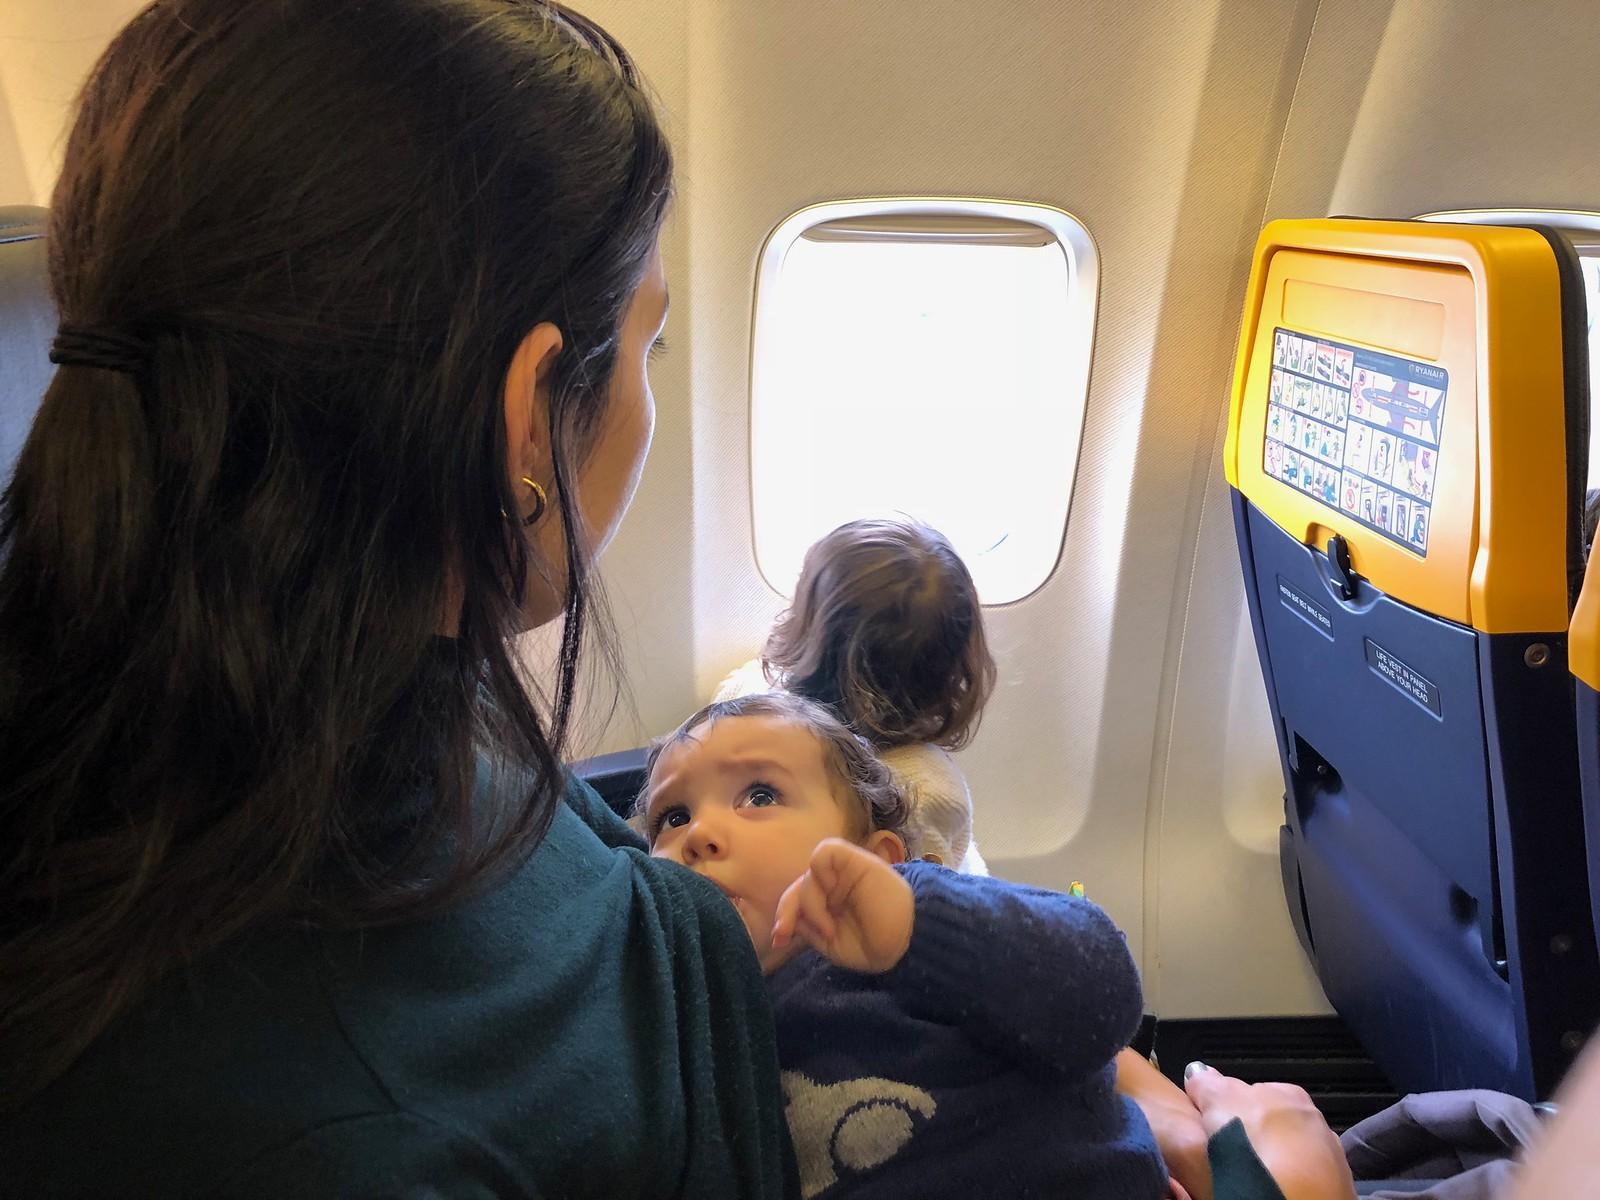 Posición habitual en los viajes: Samuel en la teta y Eva jugando